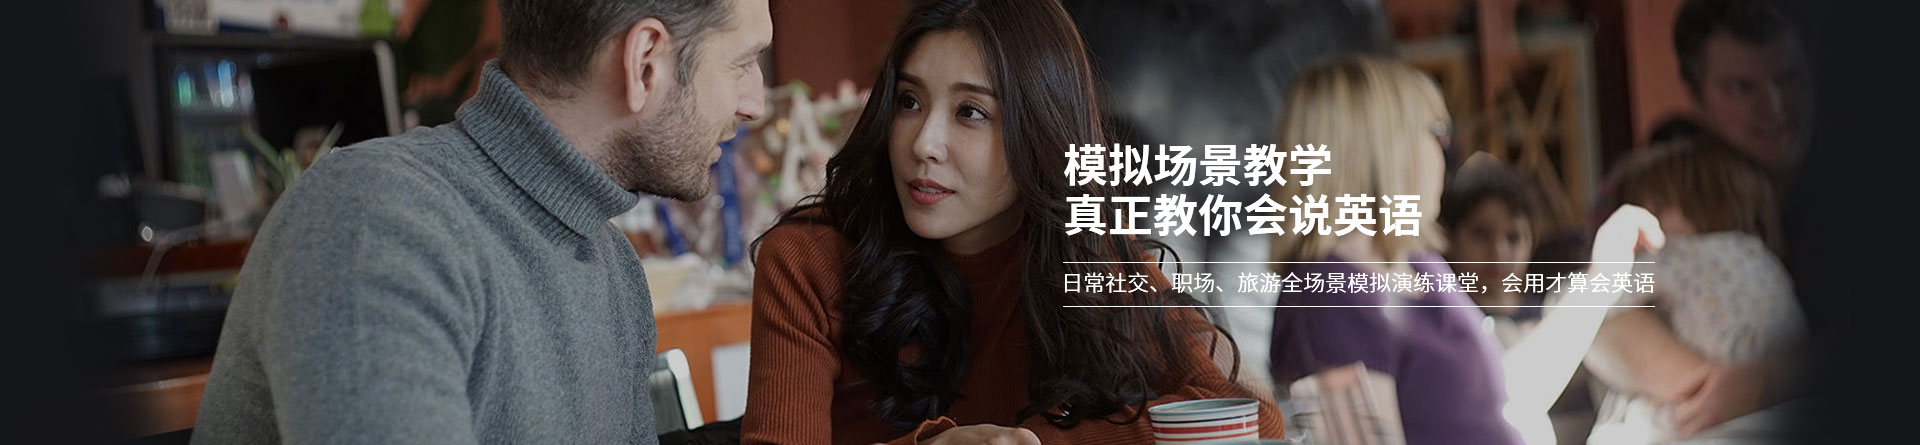 重庆观音桥韦博英语